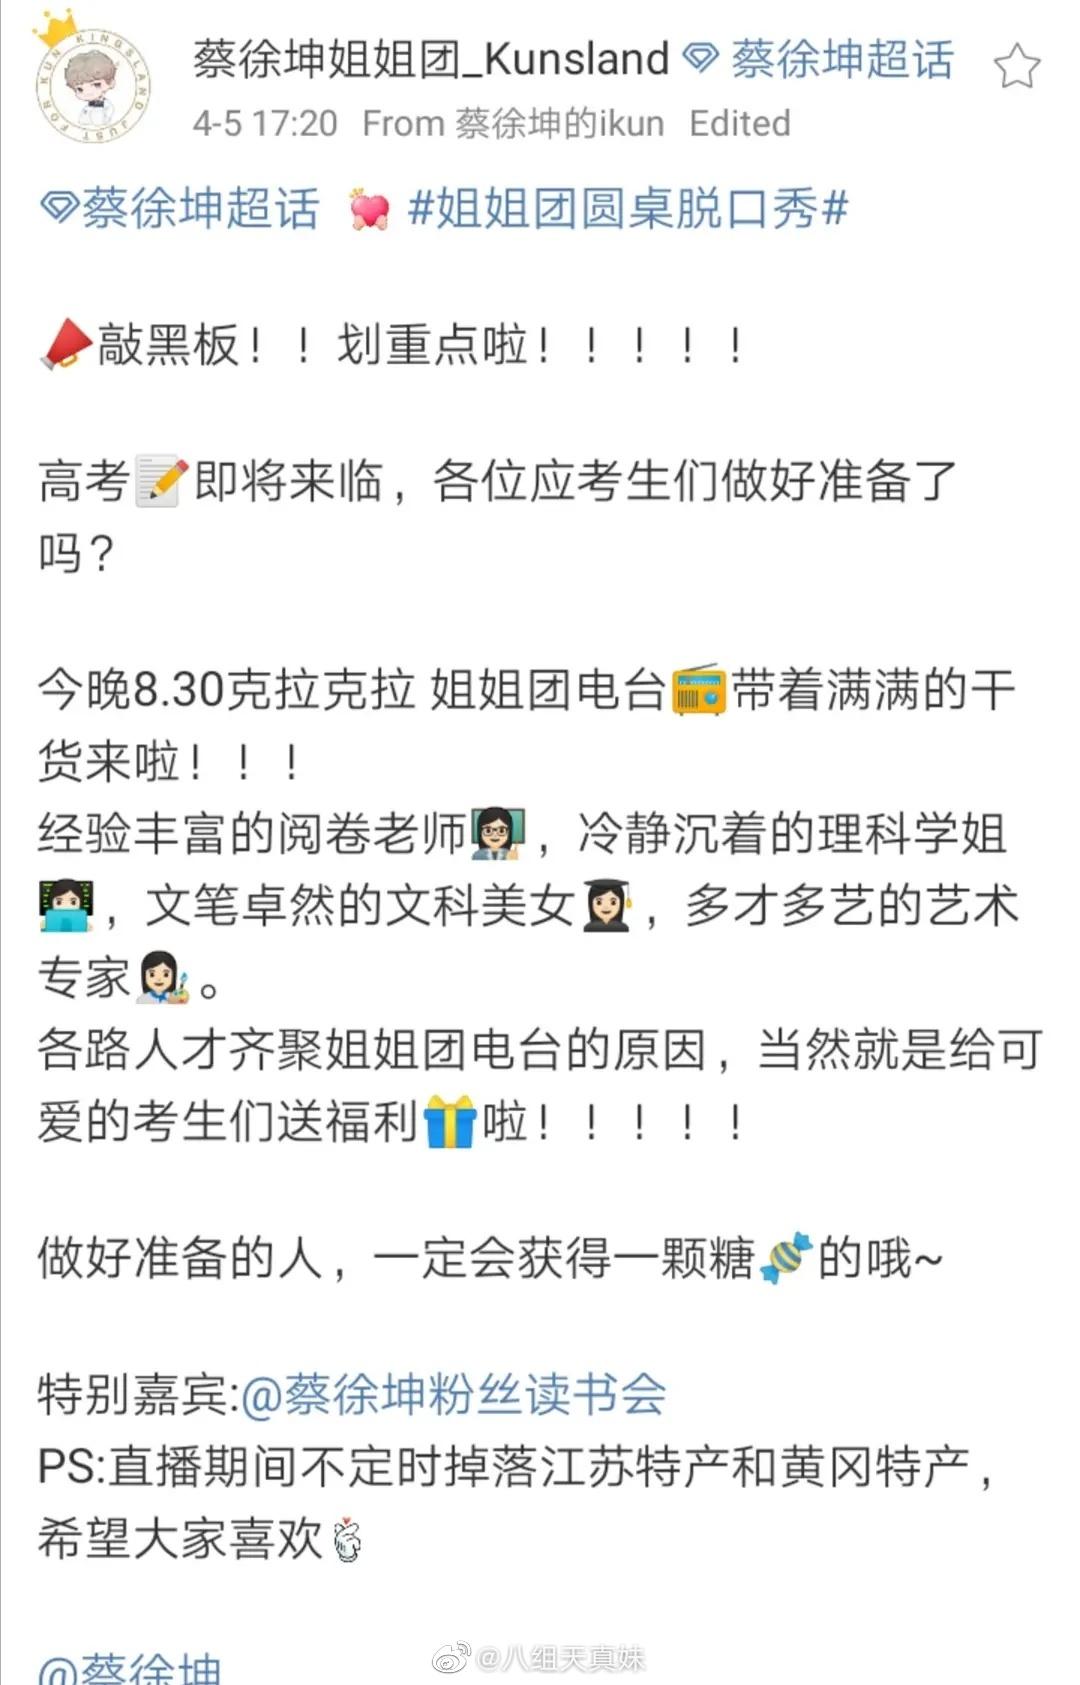 蔡徐坤姐姐团的高考专题直播,主讲有哈佛的高材生,高考阅卷老师等